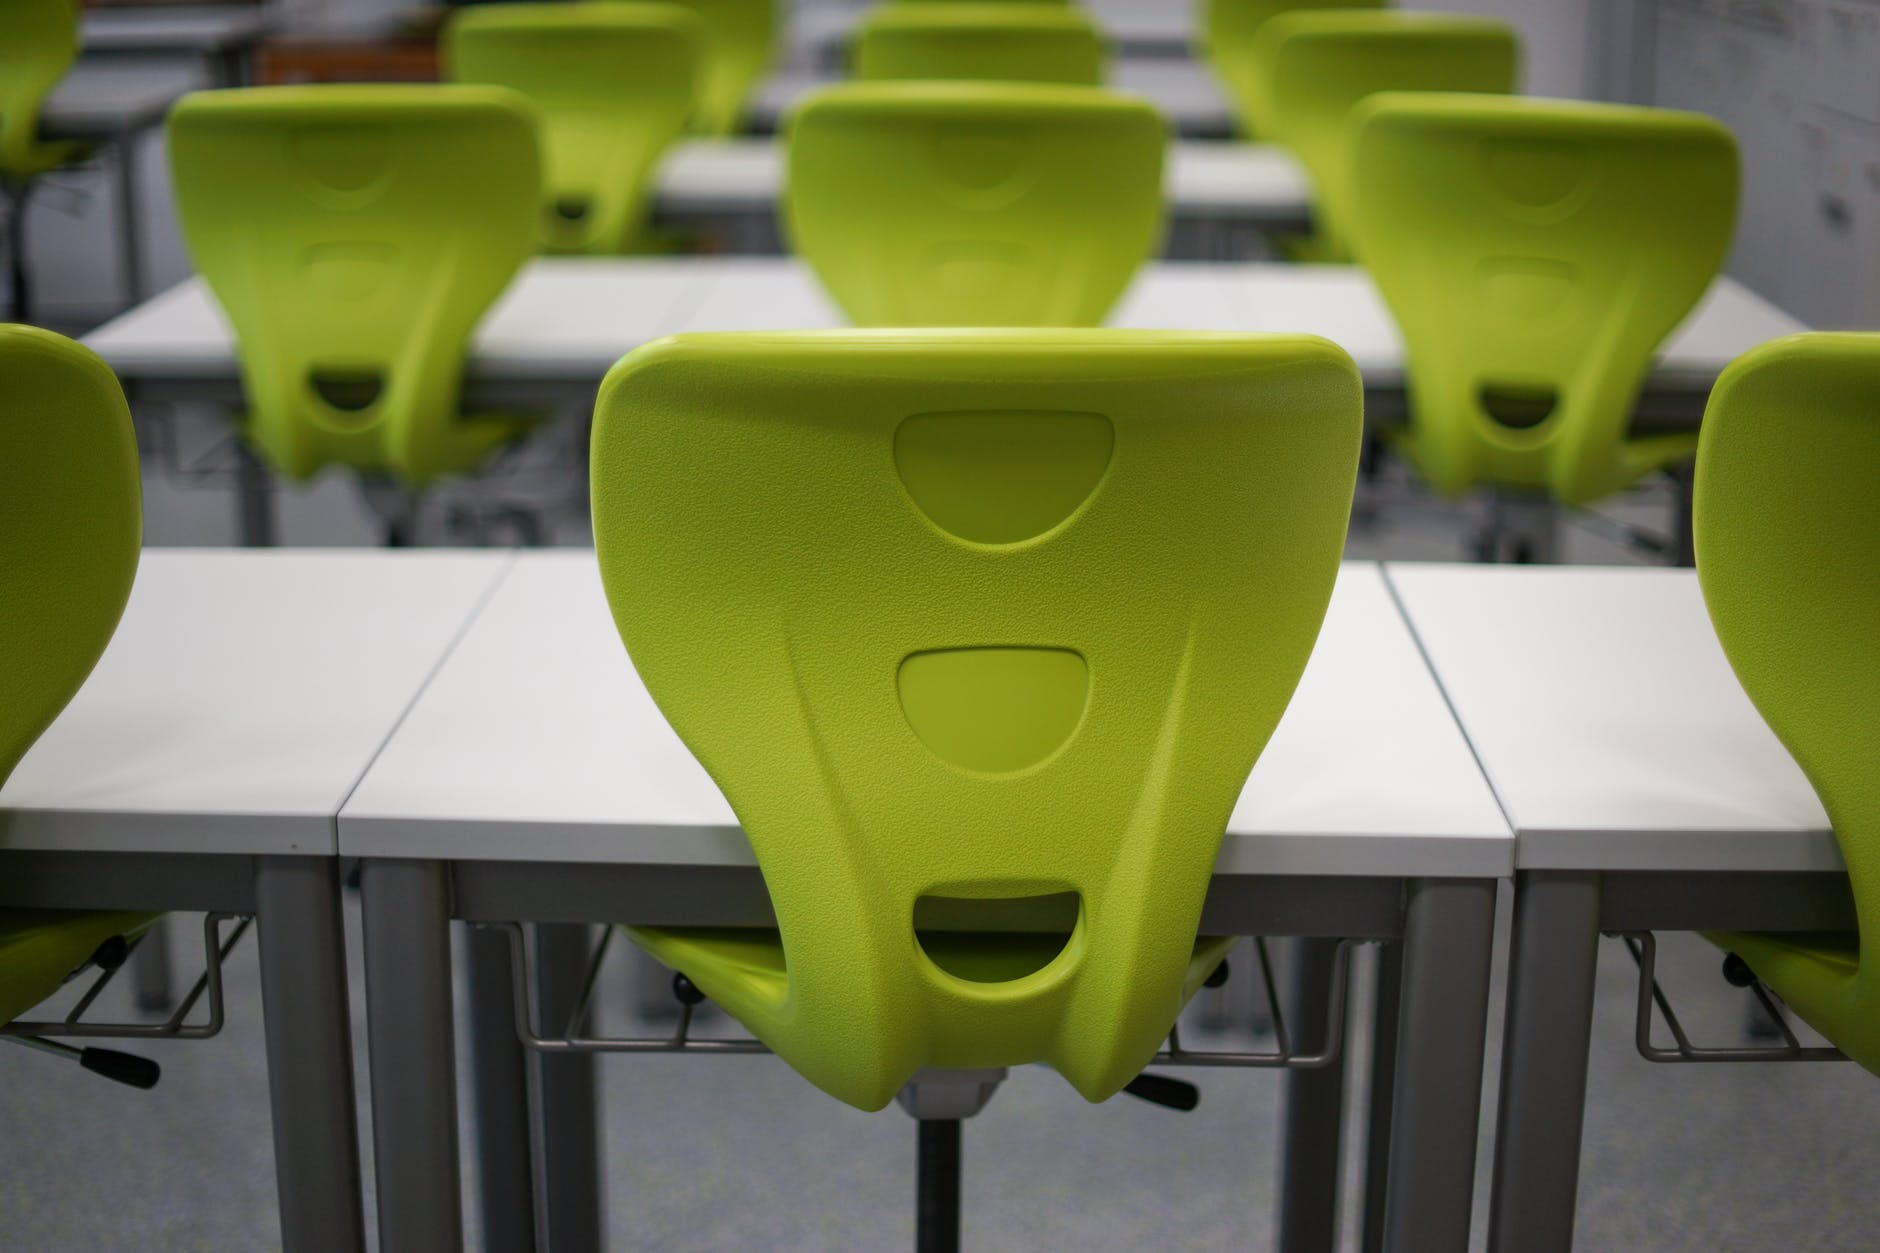 澳大利亚教室短缺引担忧